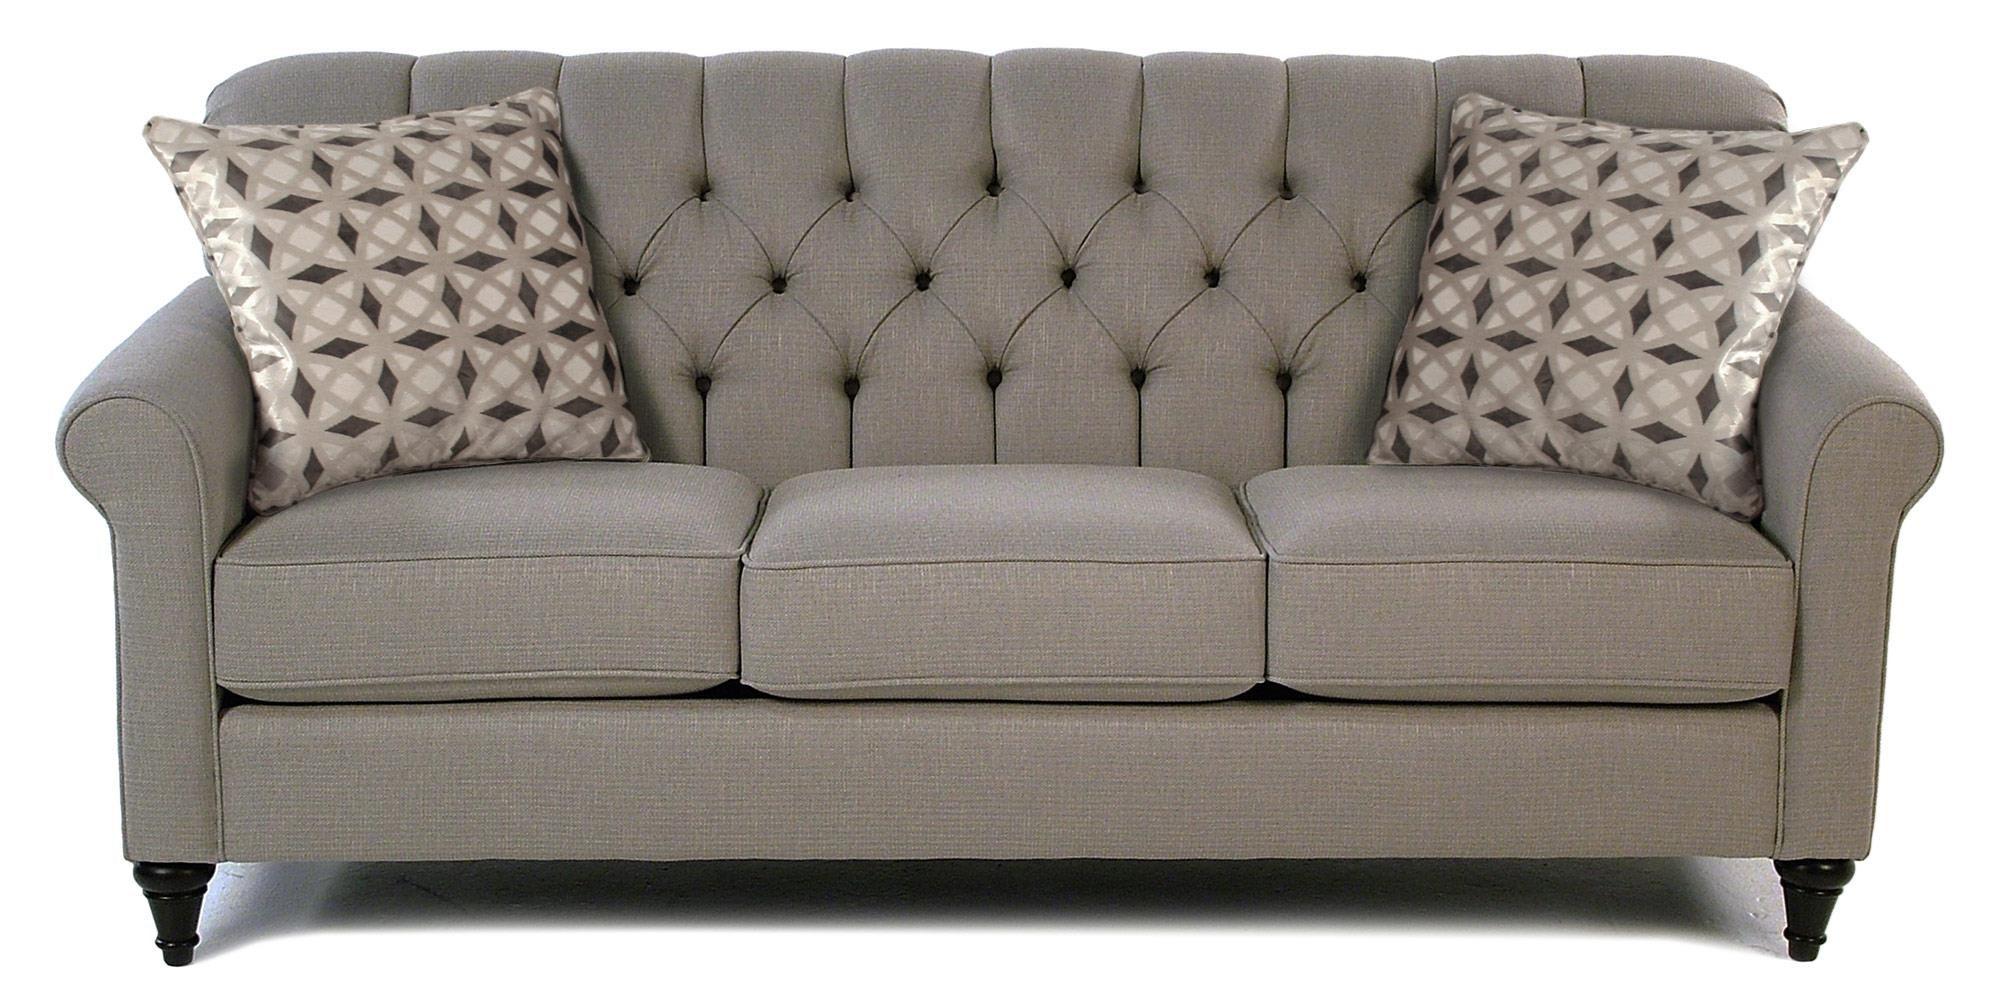 Decor-Rest Maxine Sofa - Item Number: 2478S